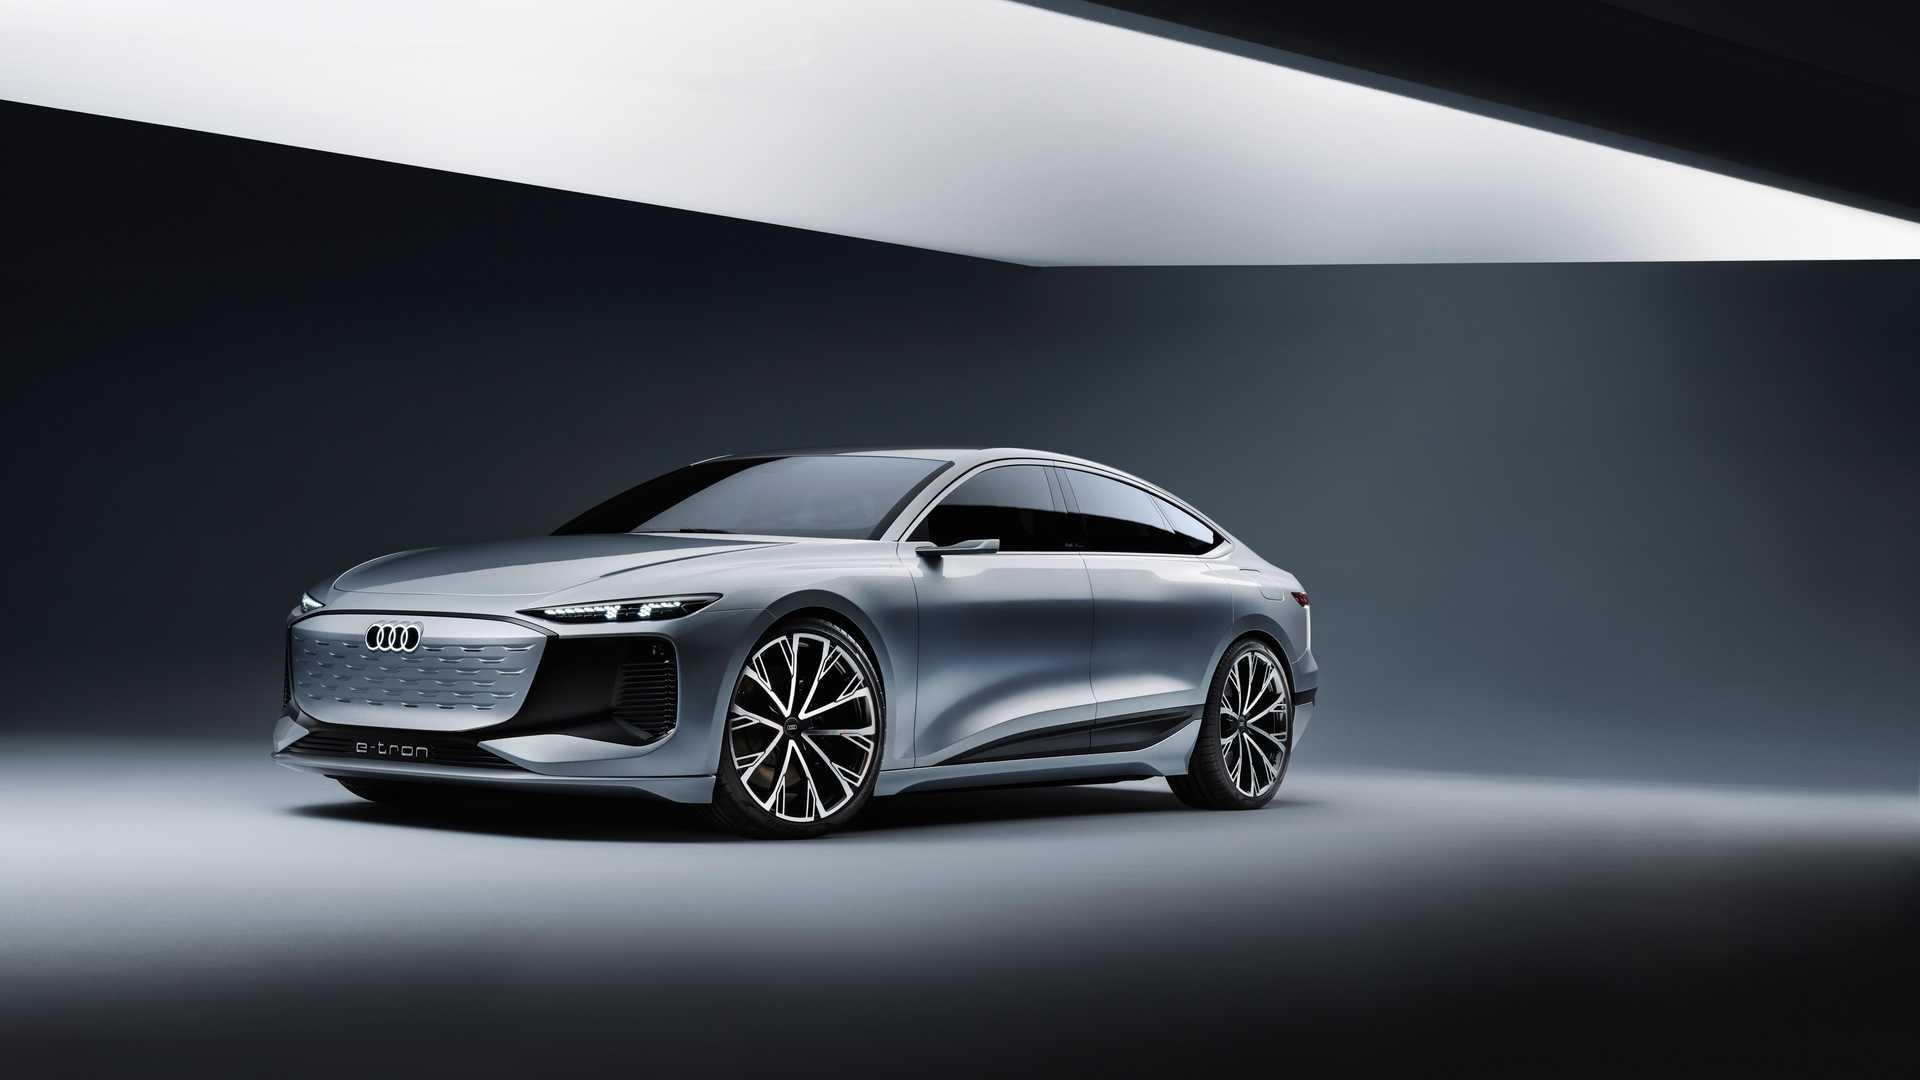 Концепт Audi A6 E-Tron дебютировал не так давно, в начале 2021 года, а его серийная версия может встать на конвейер уже в следующем. Об этом сообщил официальный представитель бренда в интервью Roadshow.